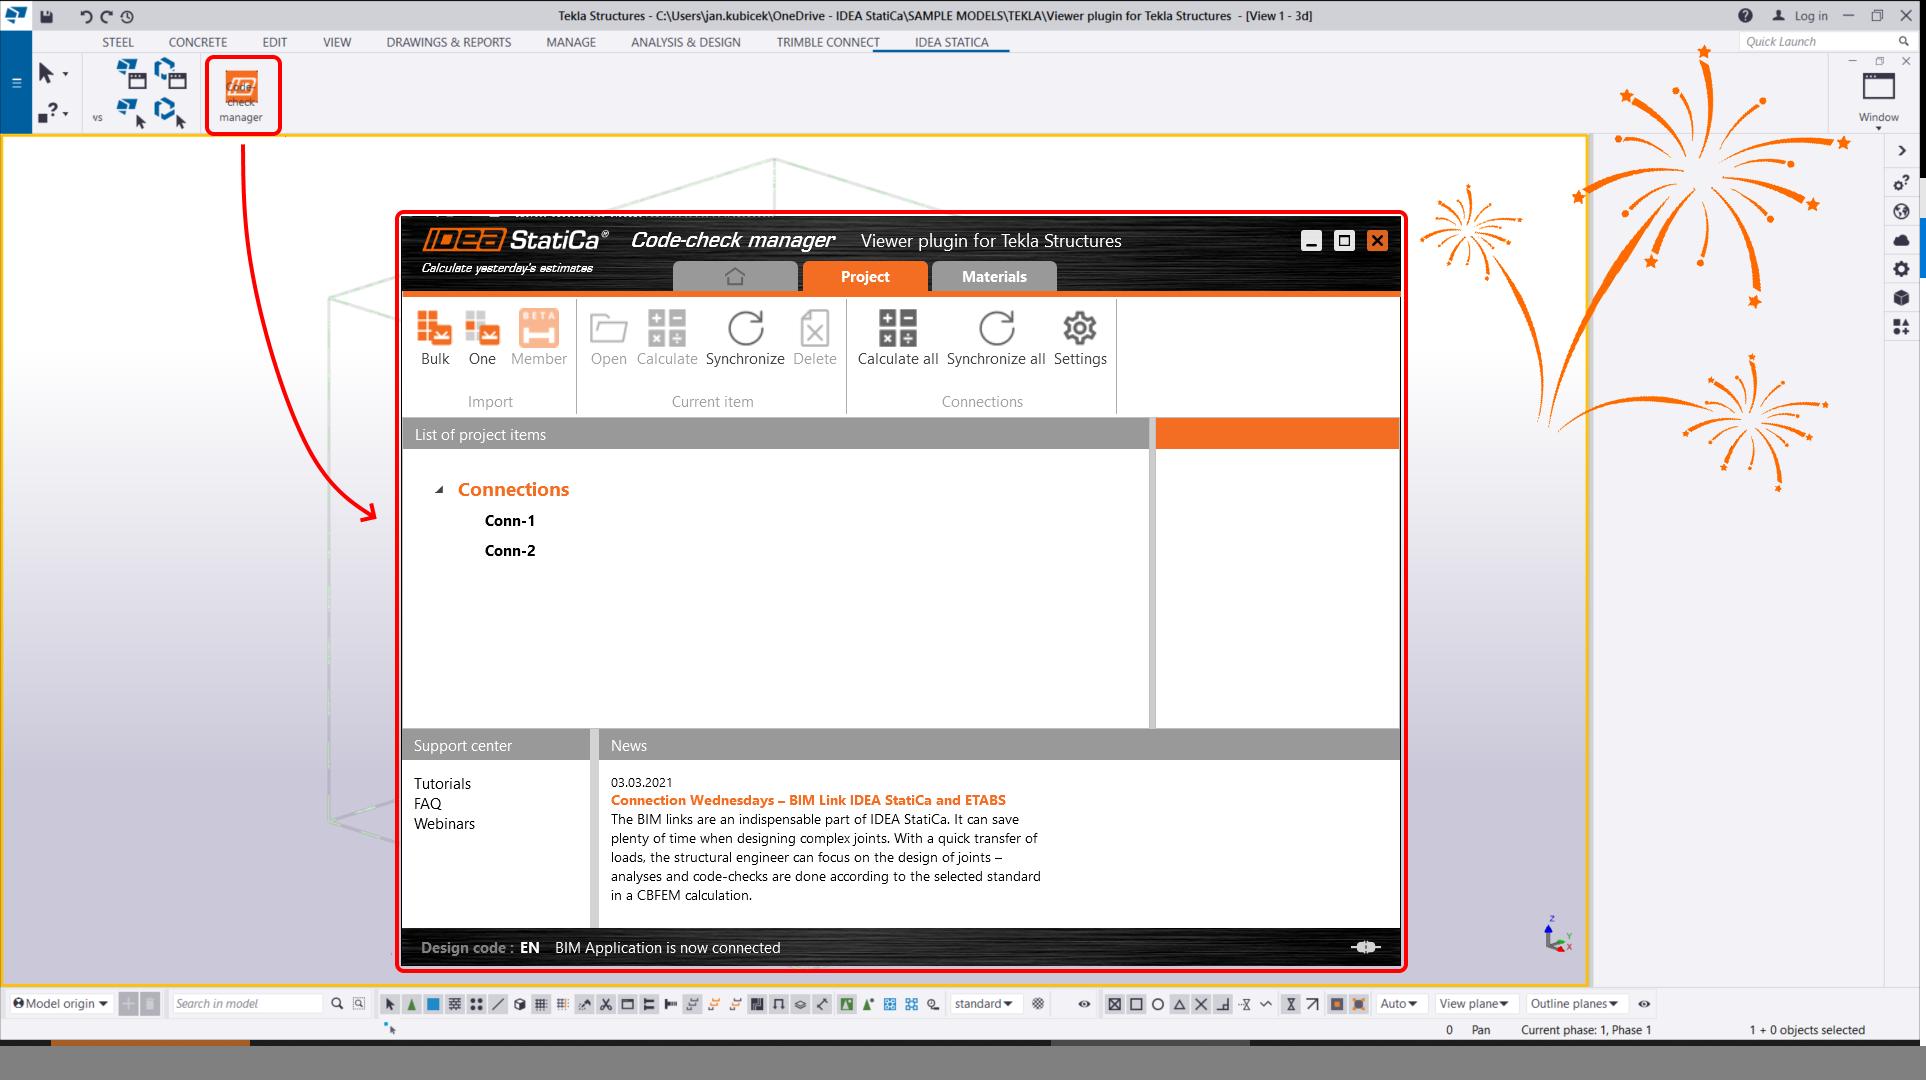 Nu kunnen we onze nieuw toegevoegde IDEA Code-check manager applicatie testen.